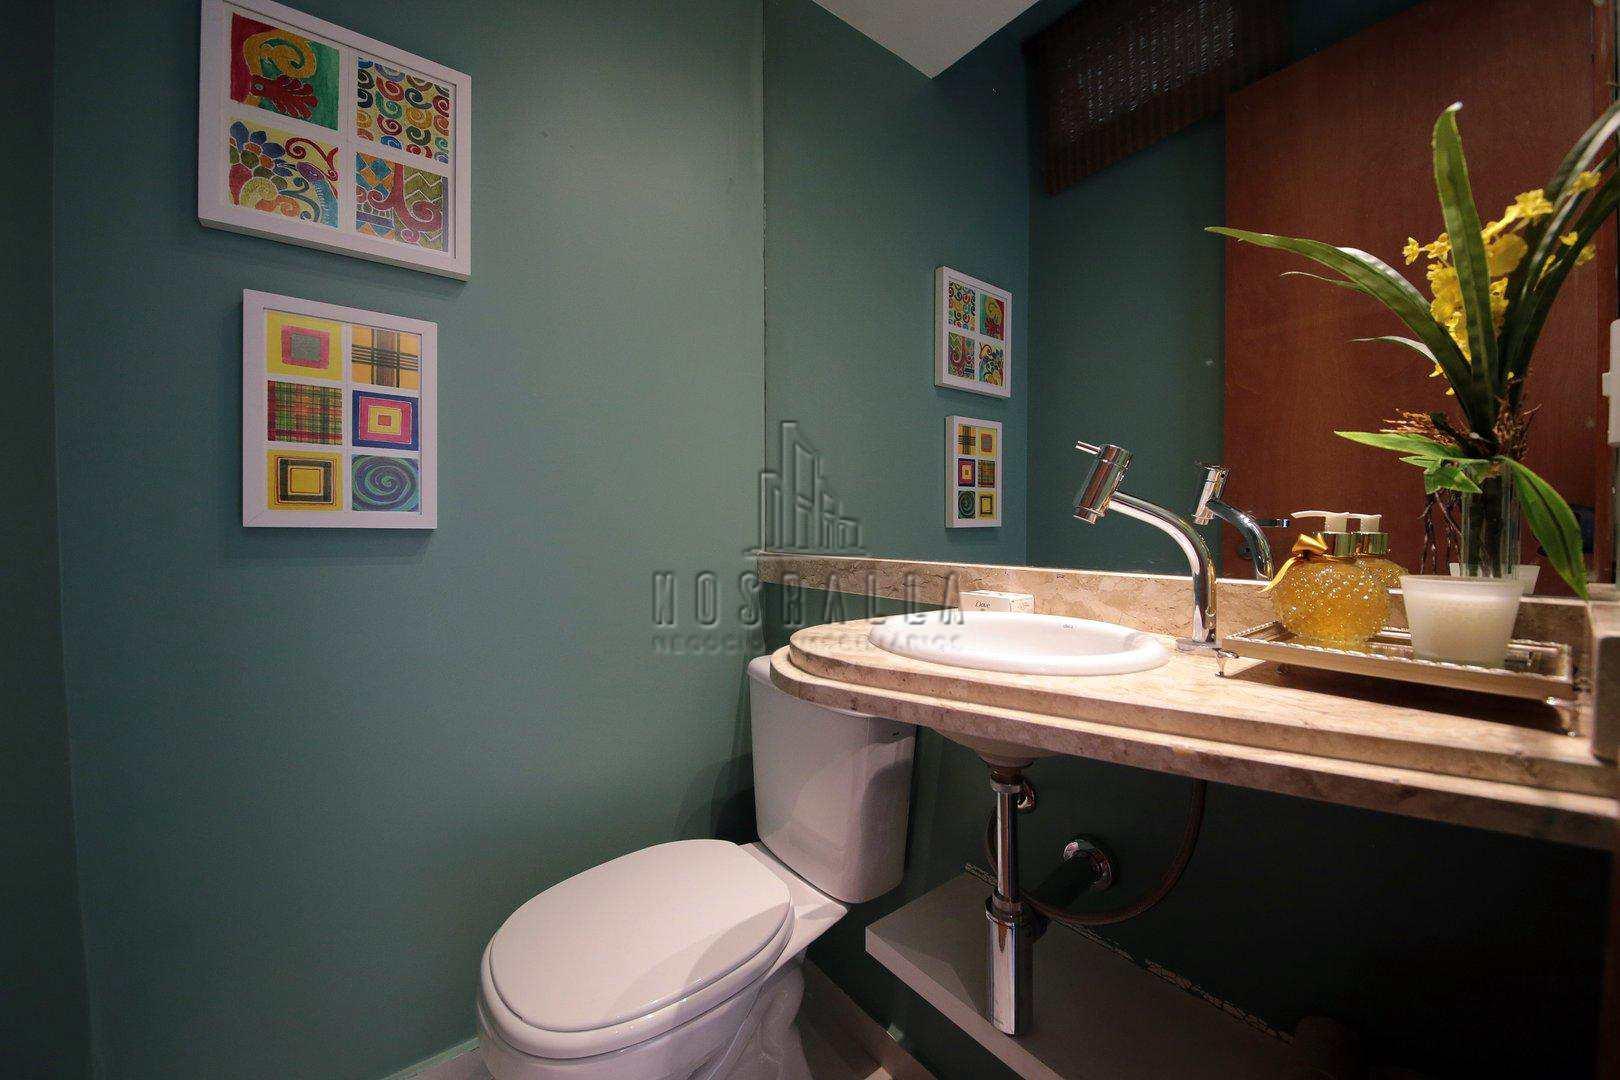 lavabo-decorado.JPG.1920x1080_q85